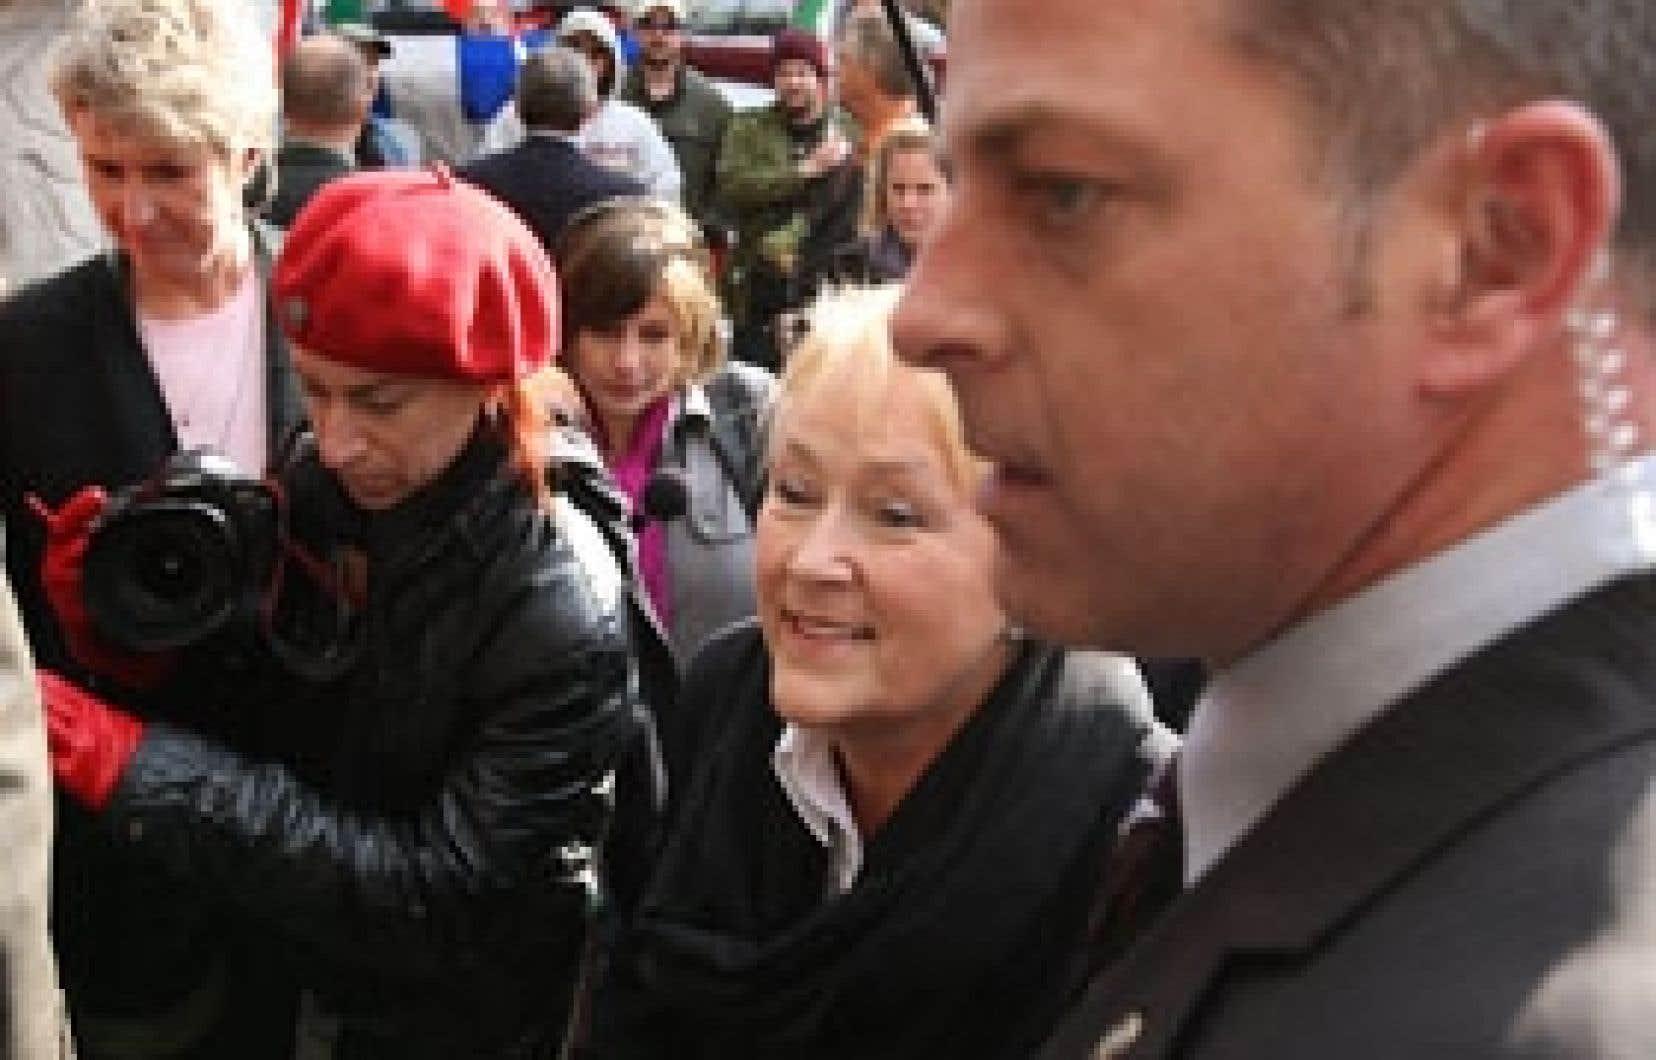 La chef du Parti québécois, Pauline Marois, a pu passer sans encombre hier la «ligne» de manifestants souverainistes favorables à Jean-Claude St-André, victime selon eux d'une injustice pour avoir exprimé sa dissidence au sein du PQ.